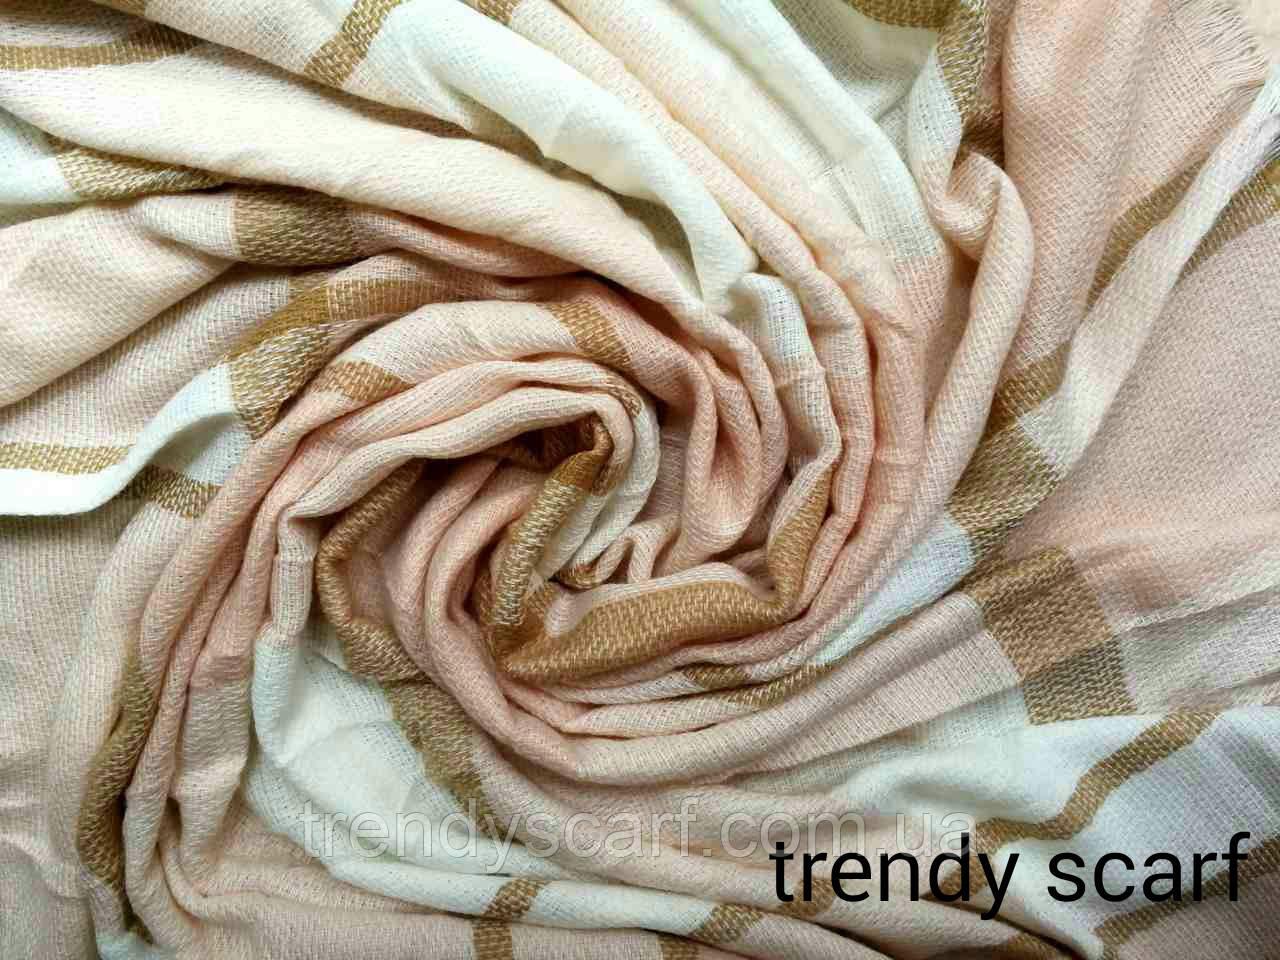 Платок плед женский Клетка.Светло розовый, пудра, бежевый,белый.Шерсть 150\150